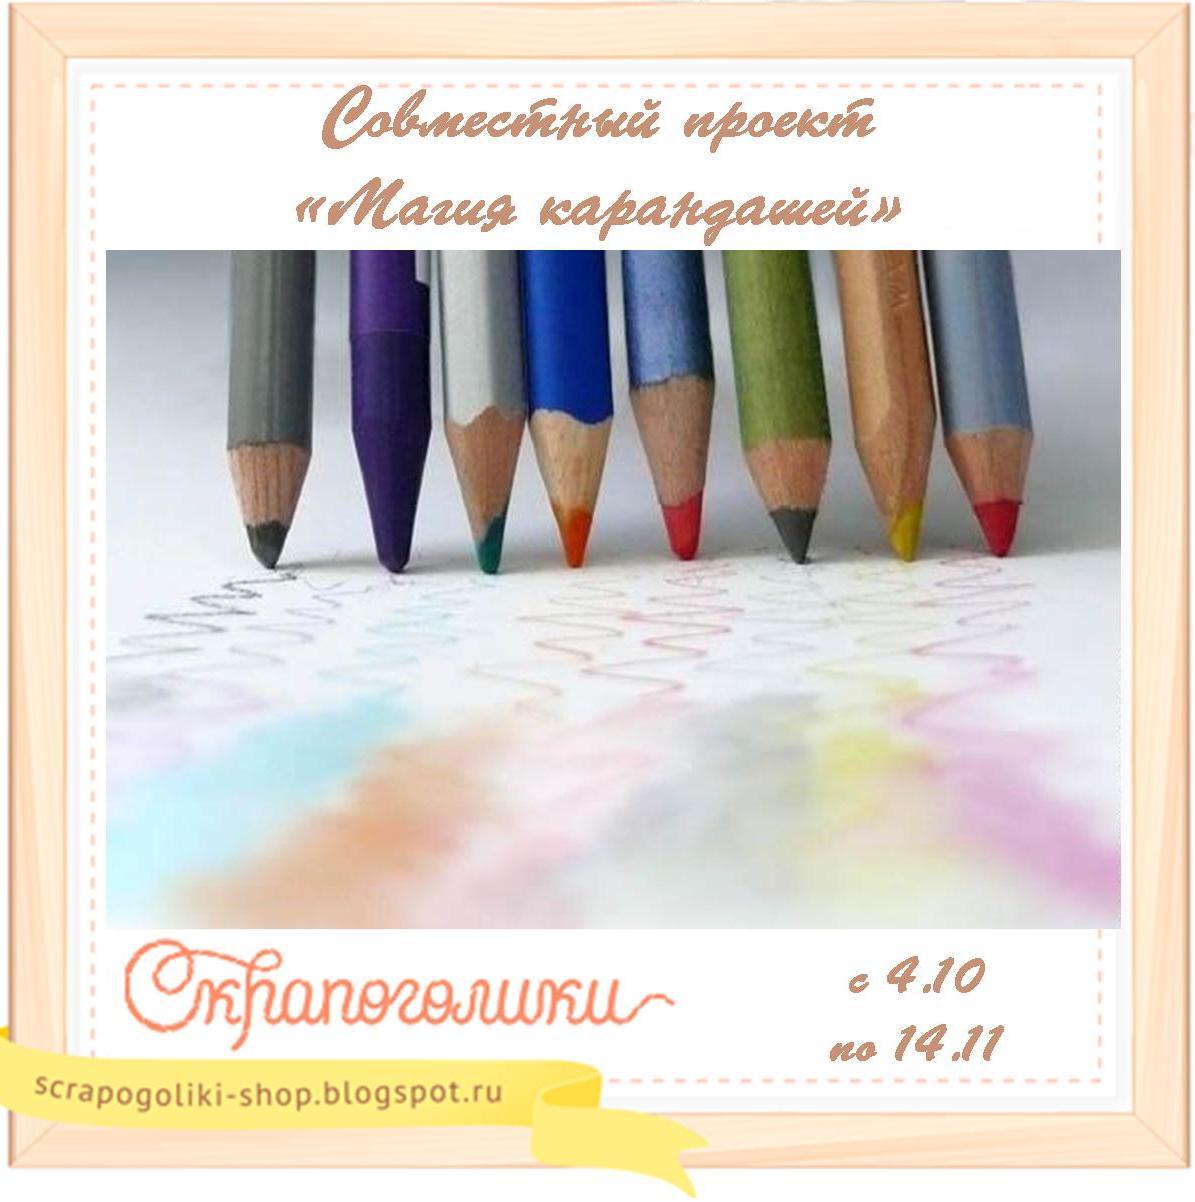 """Совместный проект """"Магия карандашей"""" - 1 этап"""